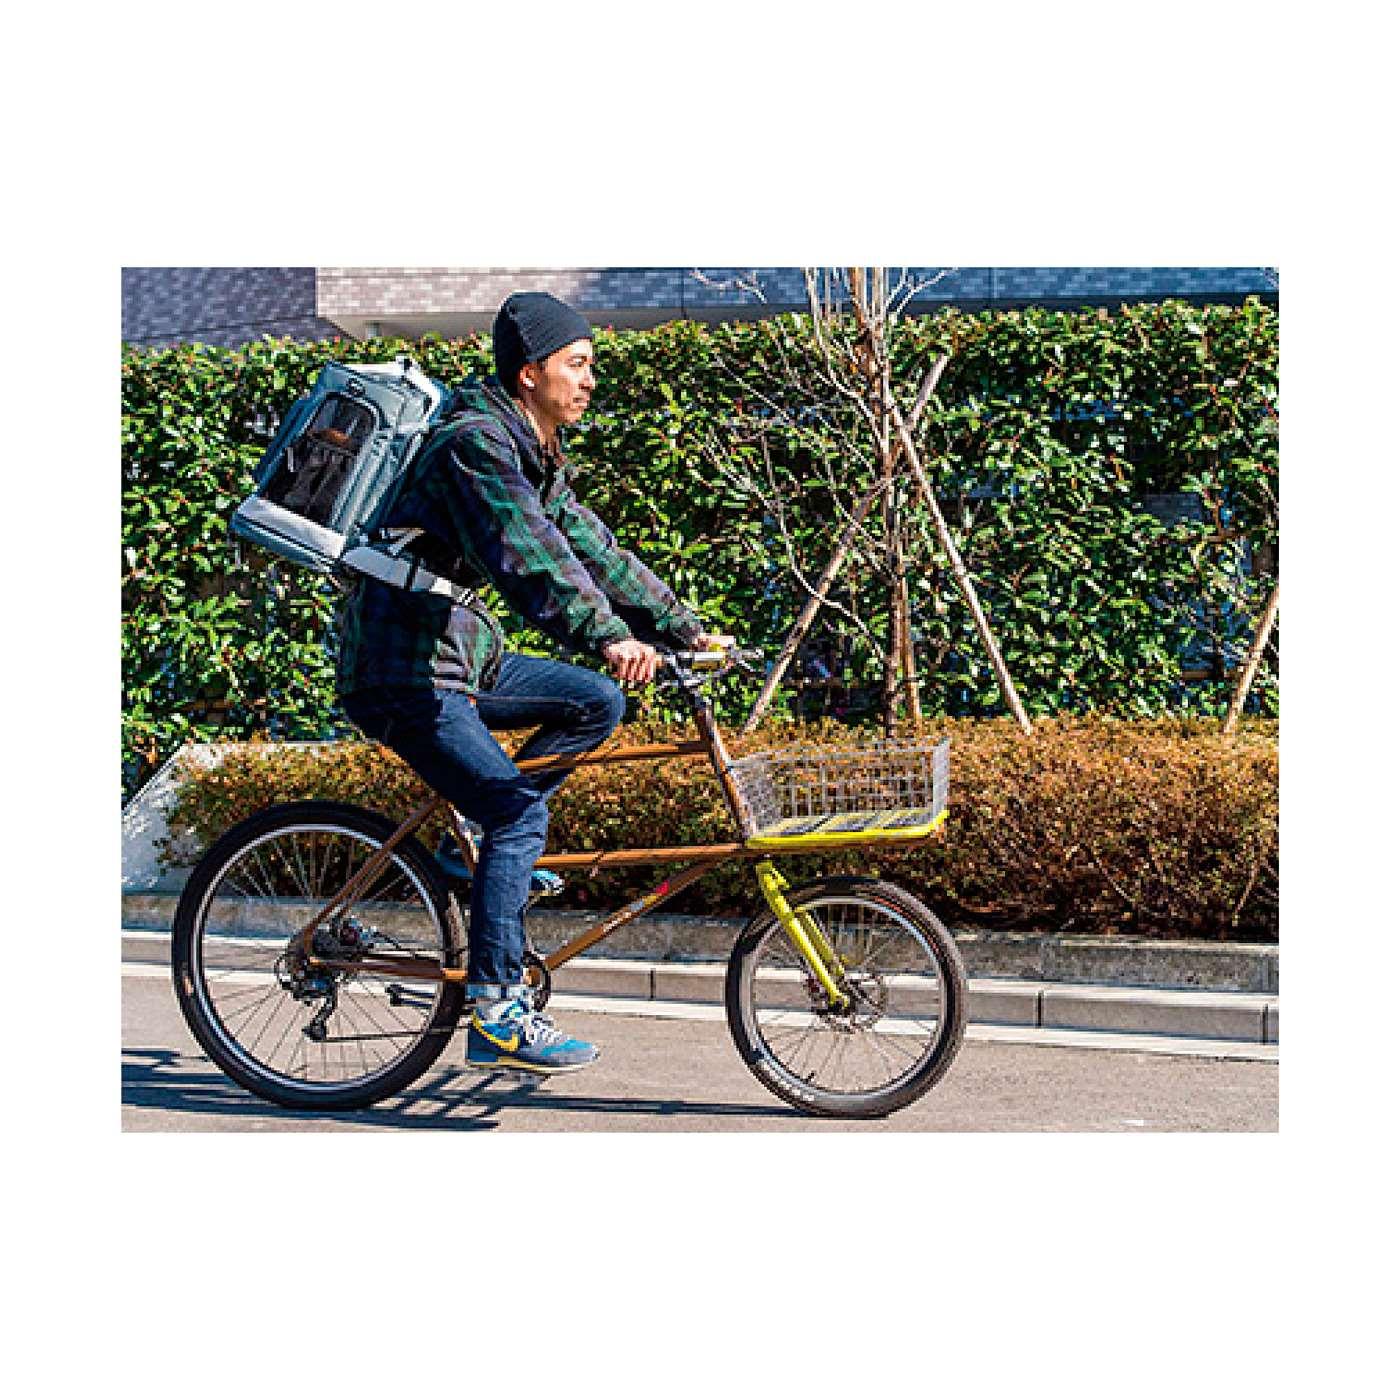 背負うと軽い! 登山リュックのようにからだに固定できて、高いフィット感。しっかりしたつくりながら背負った時に軽く感じる設計です。自転車でもらくらく!